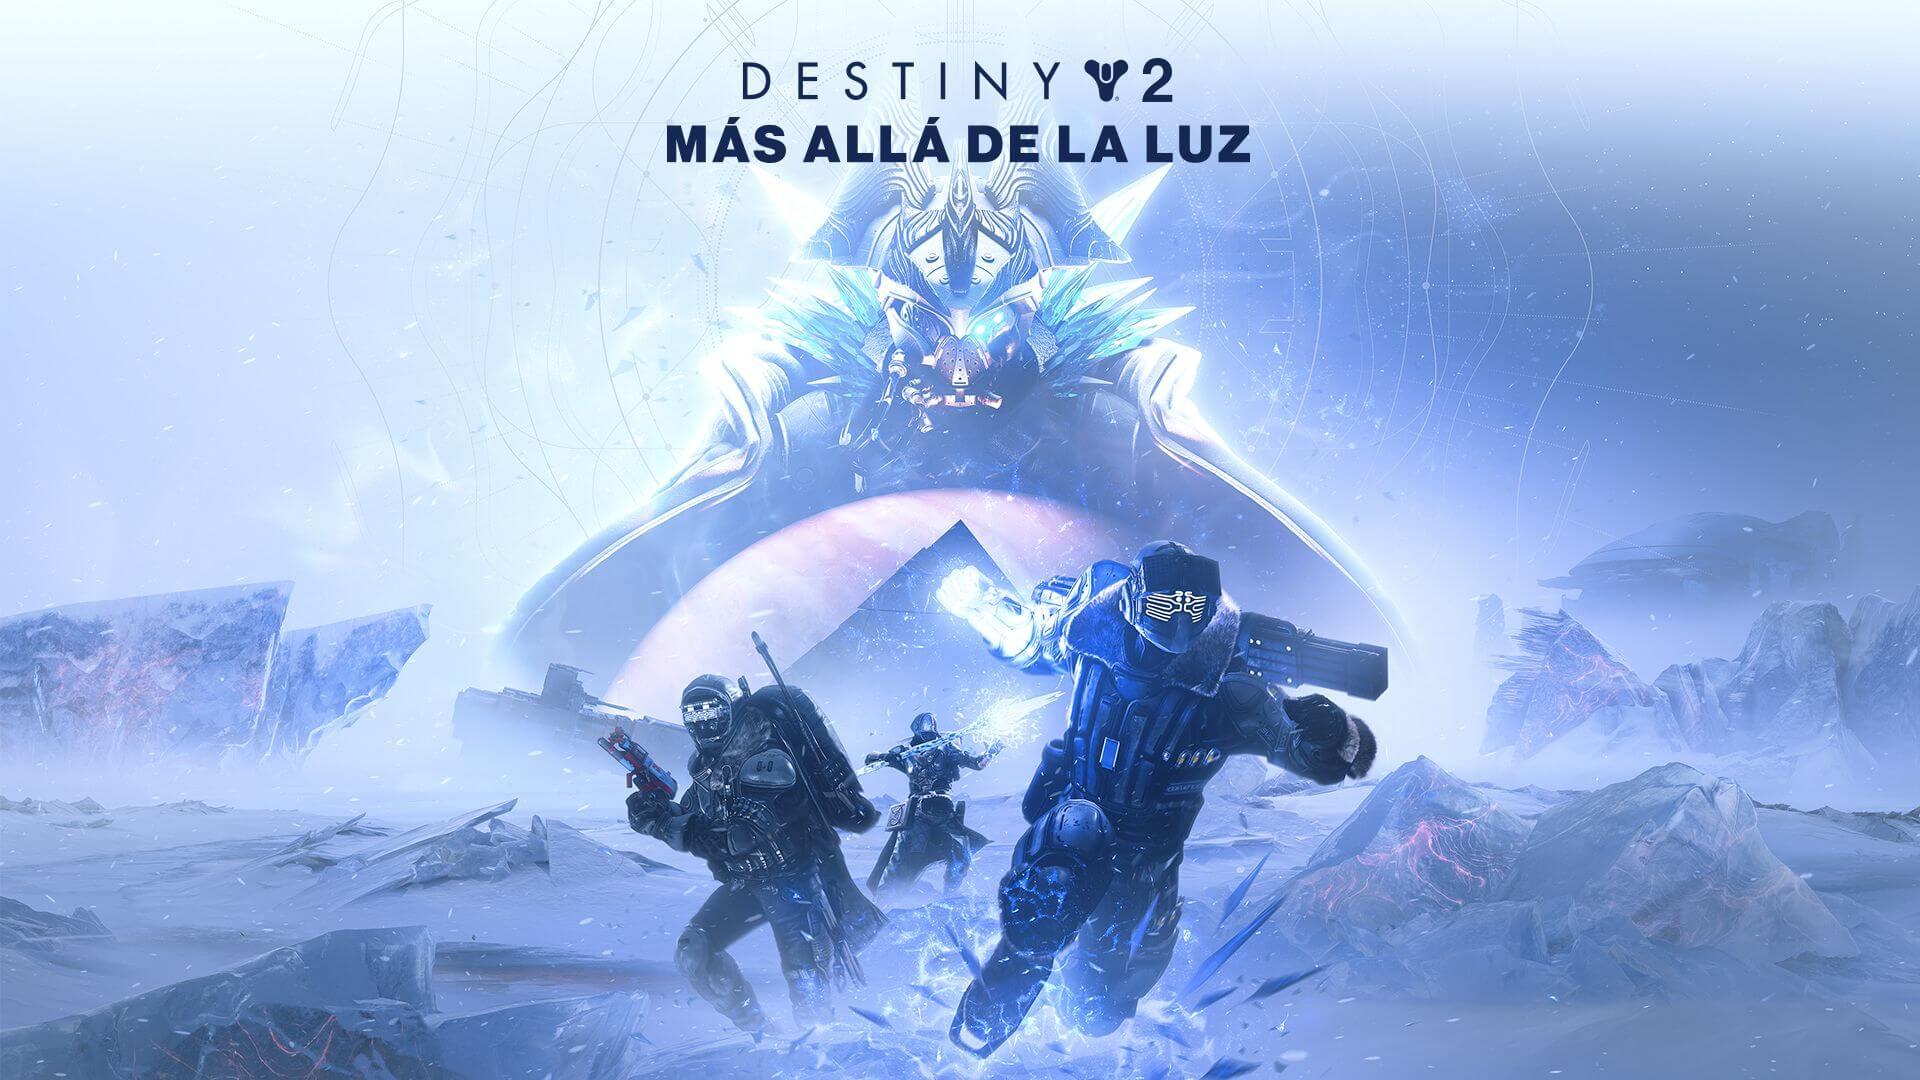 Destiny 2 Más allá de la luz Portada